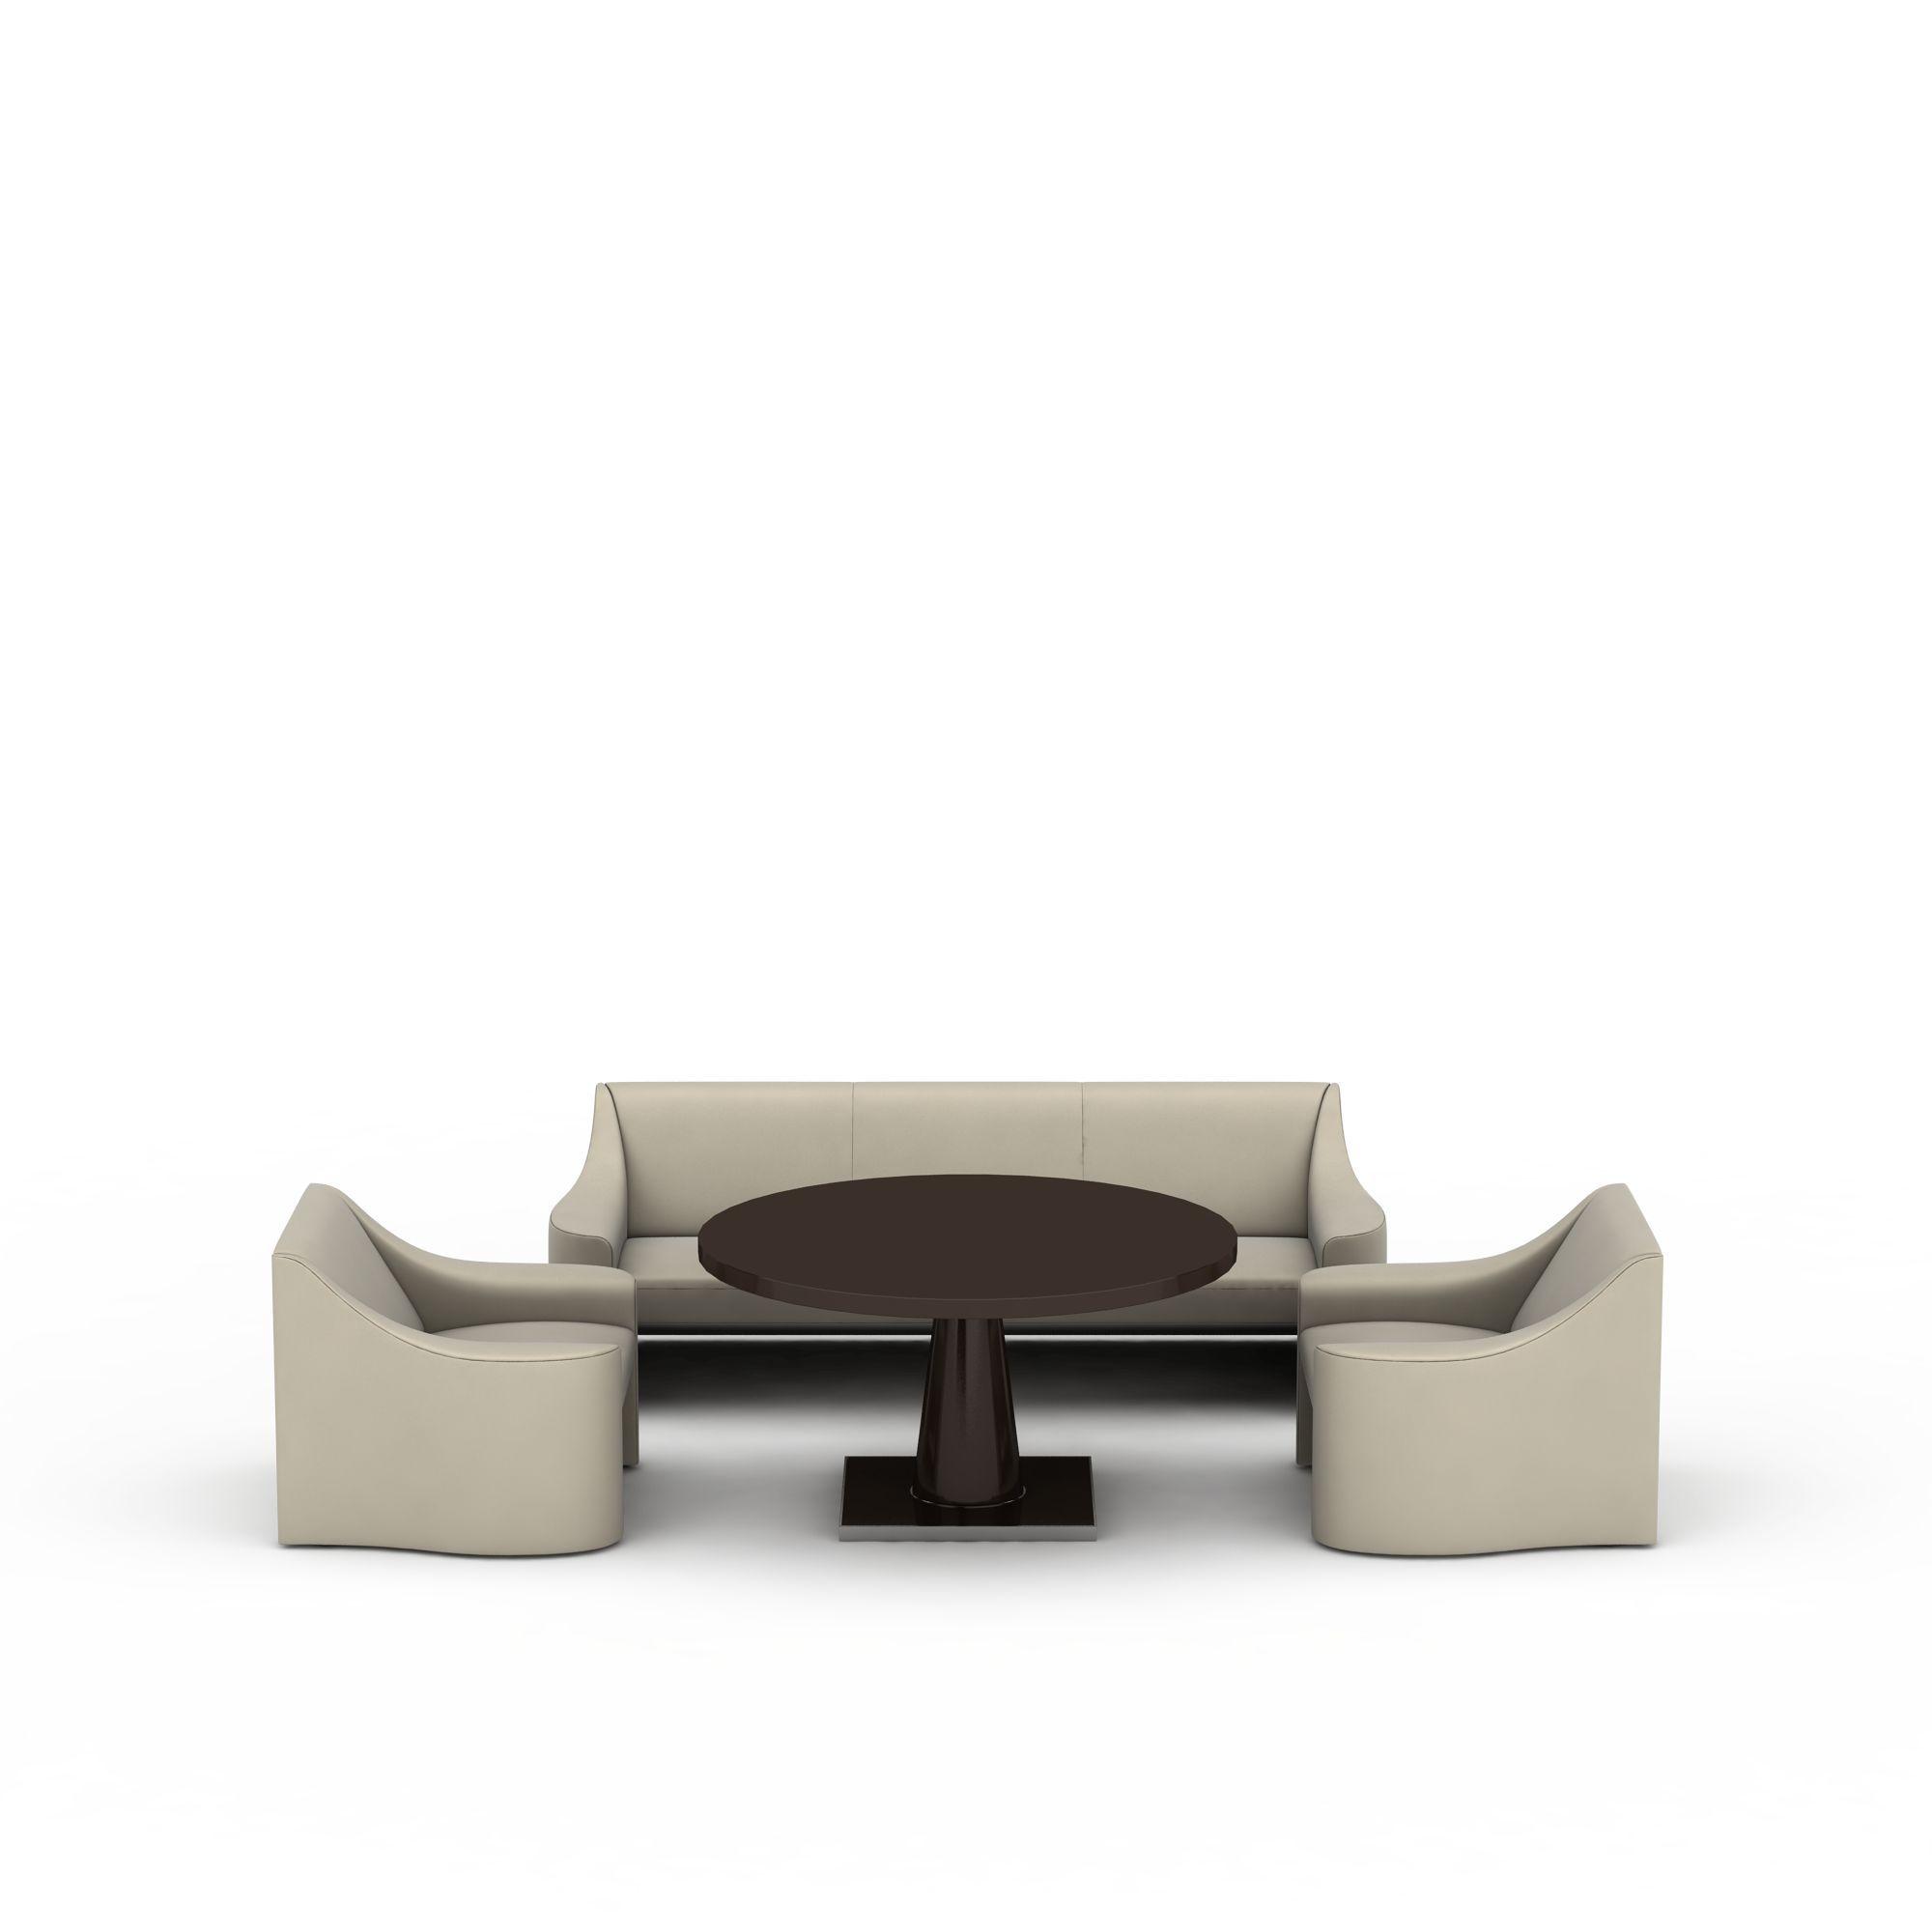 简约沙发组合图片_简约沙发组合png图片素材_简约沙发